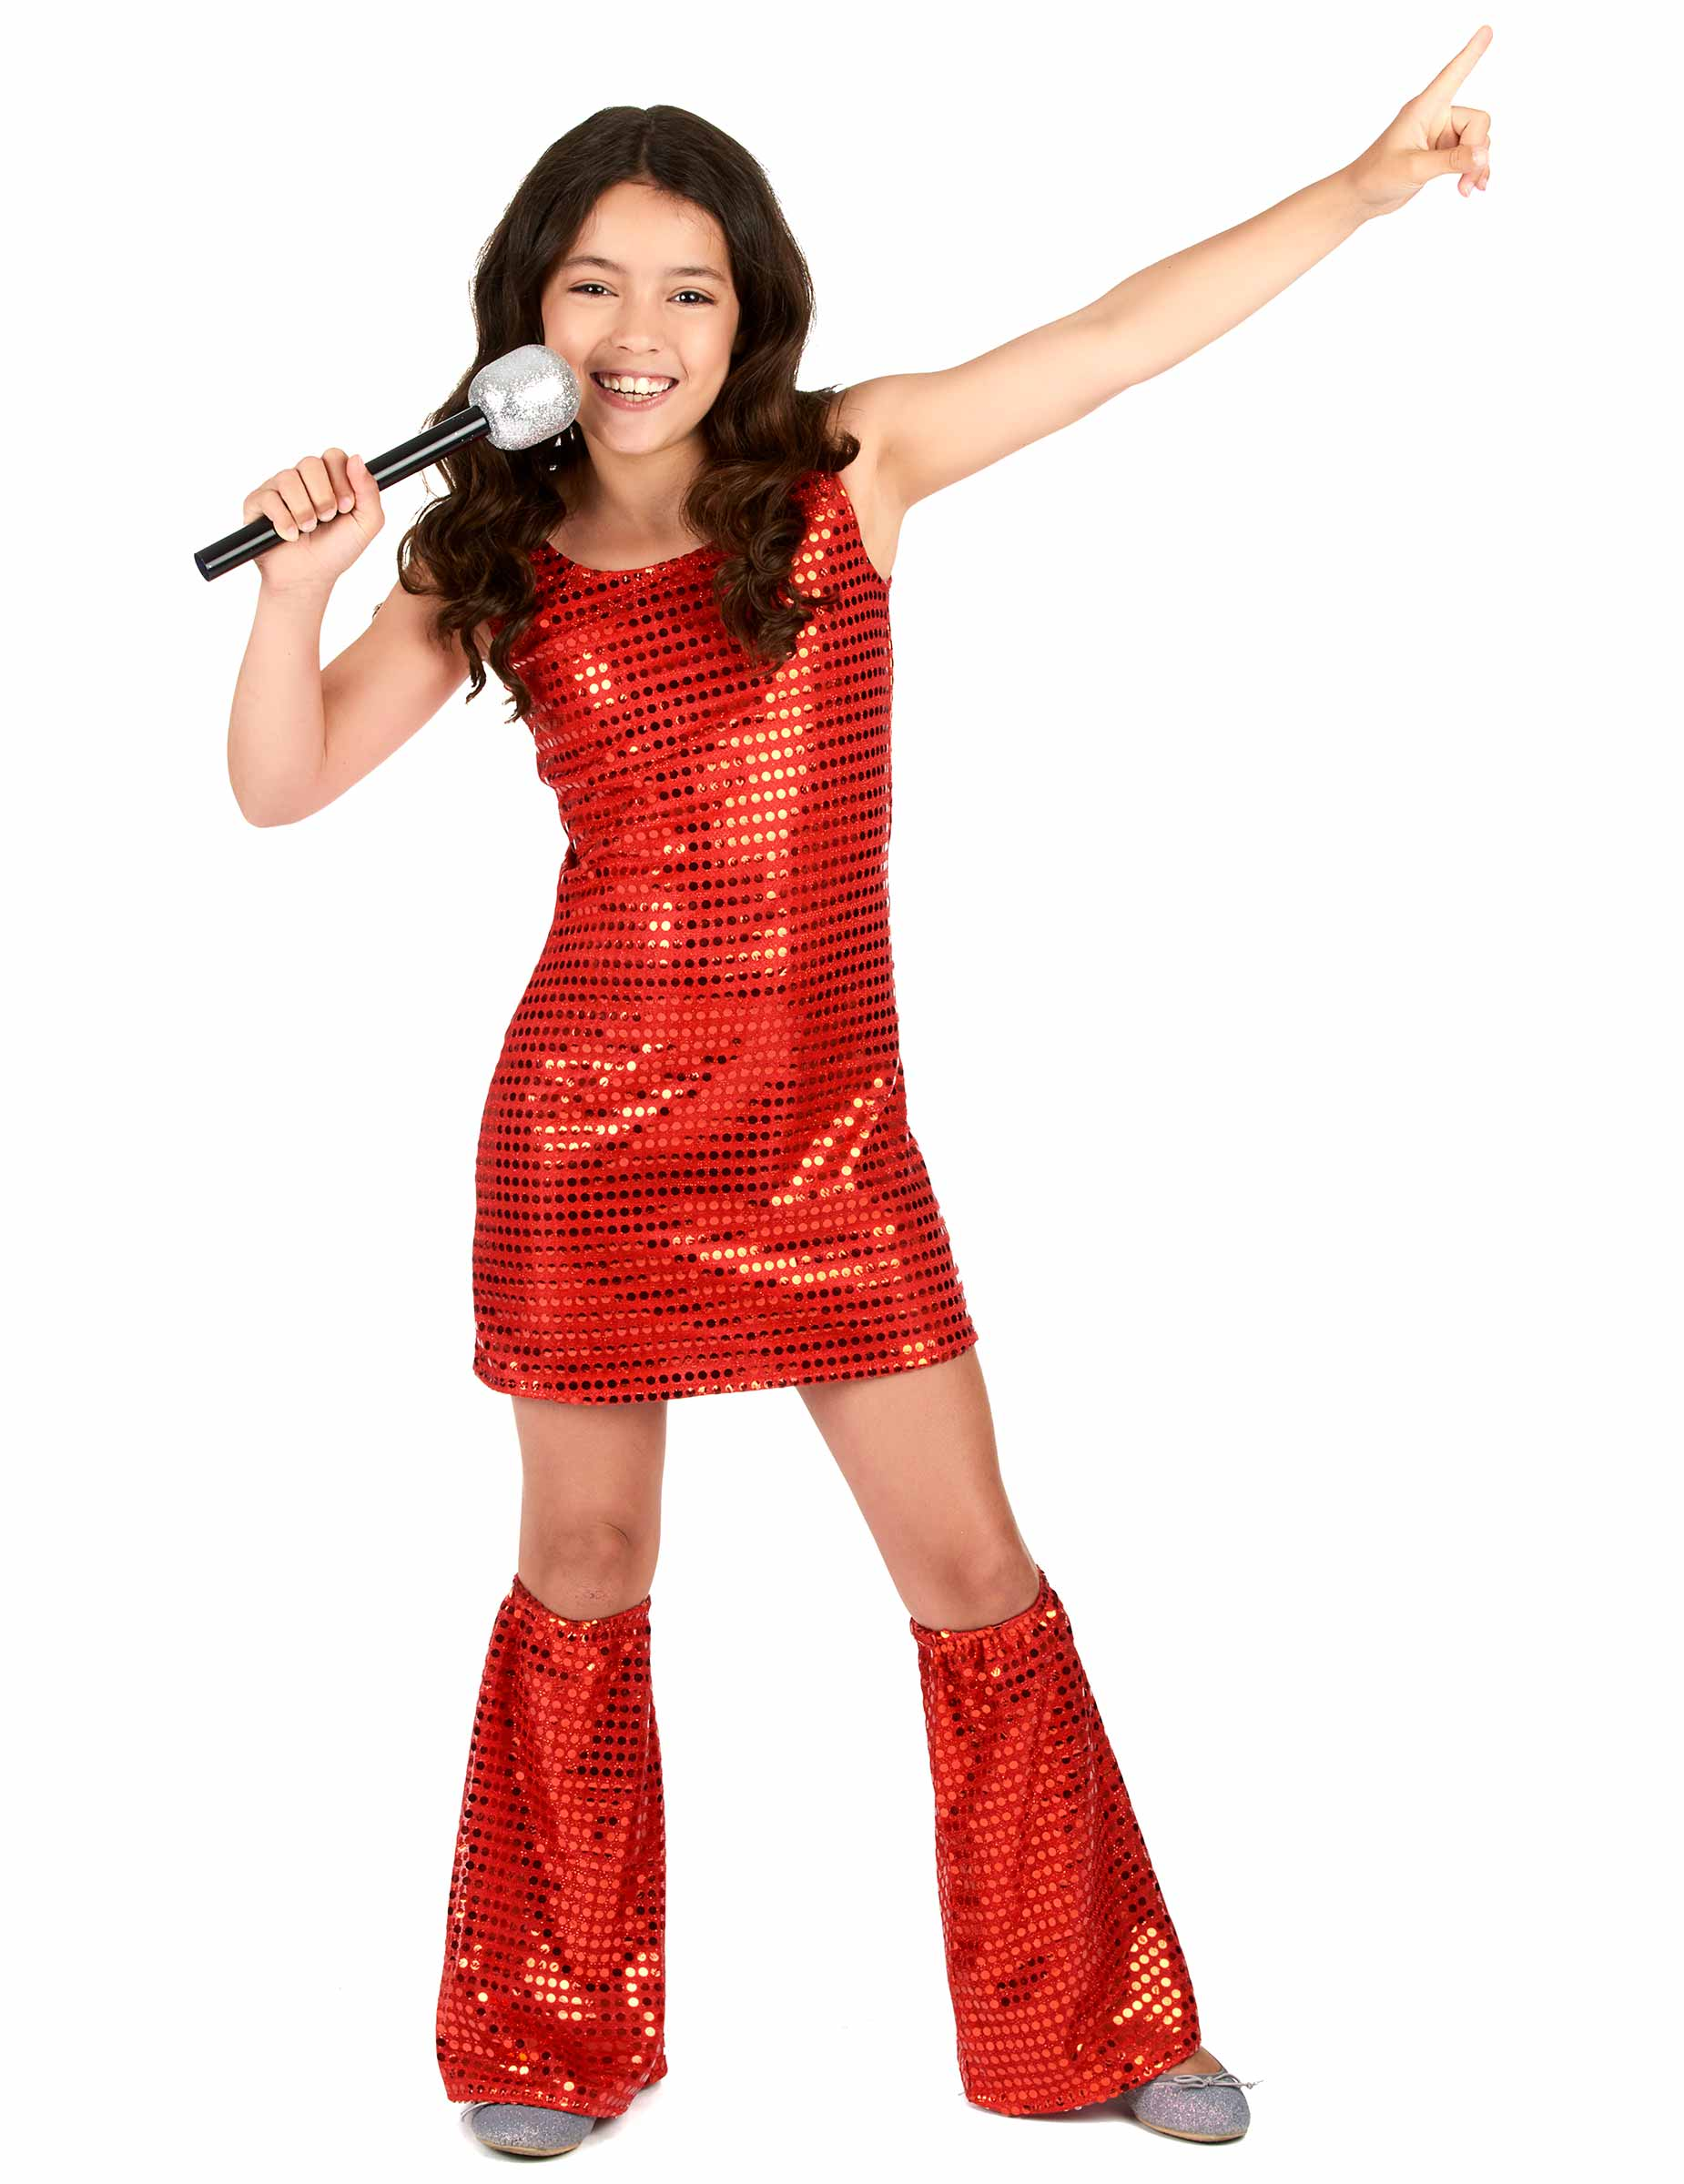 ecce538d5d7615 Glinsterende en feestelijke disco kleding voor kinderen - Vegaoo.nl